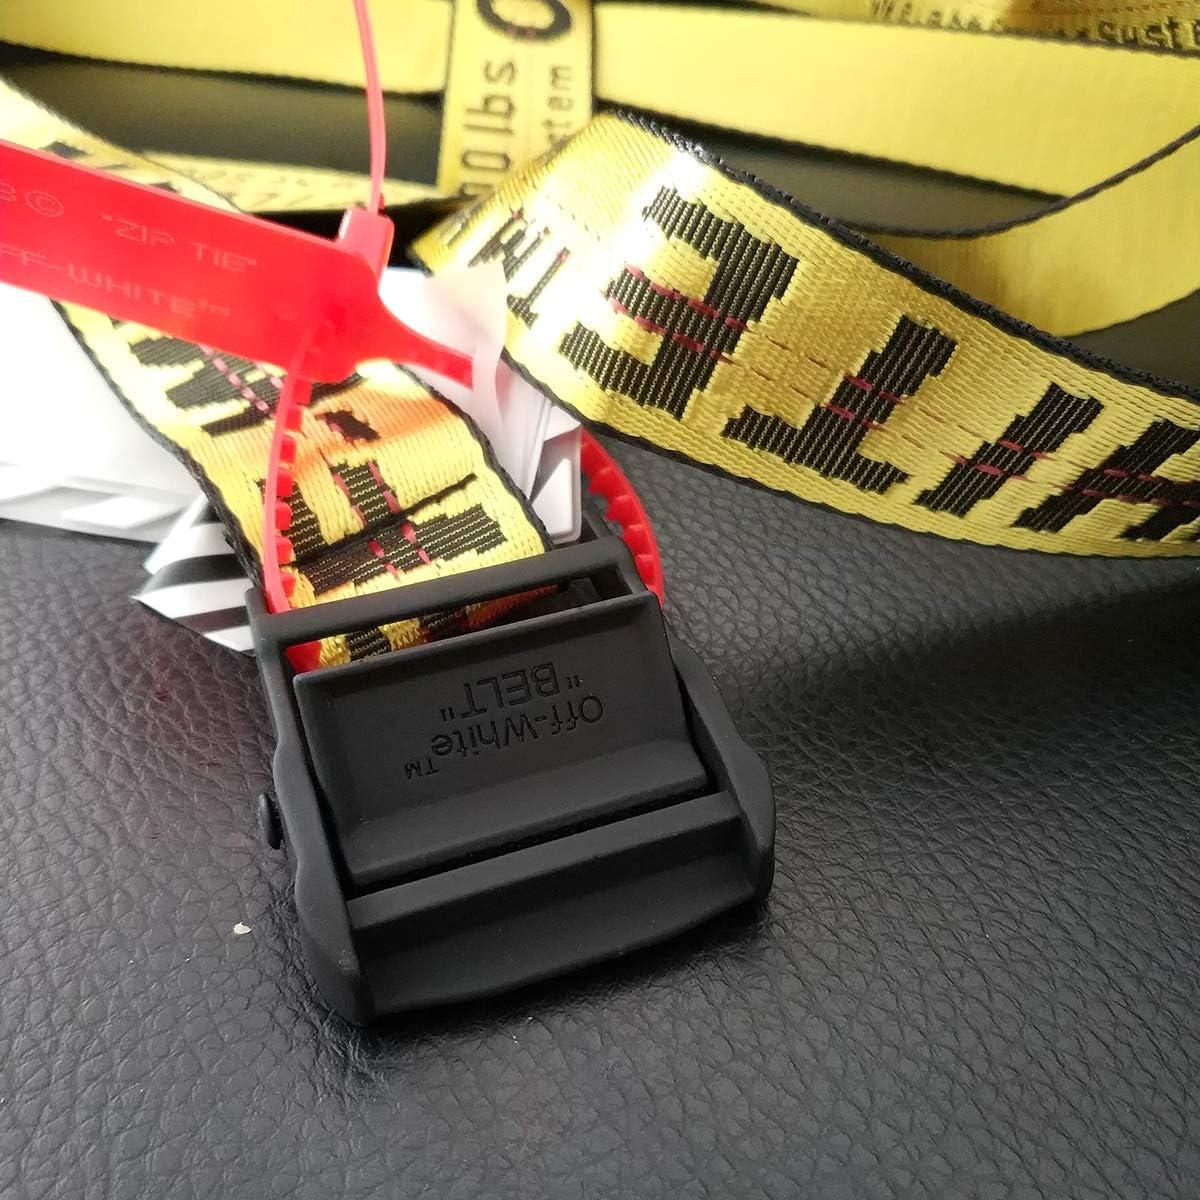 off white INDUSTRIAL belt adjustable designer belts casual braid belt 6.5ft length